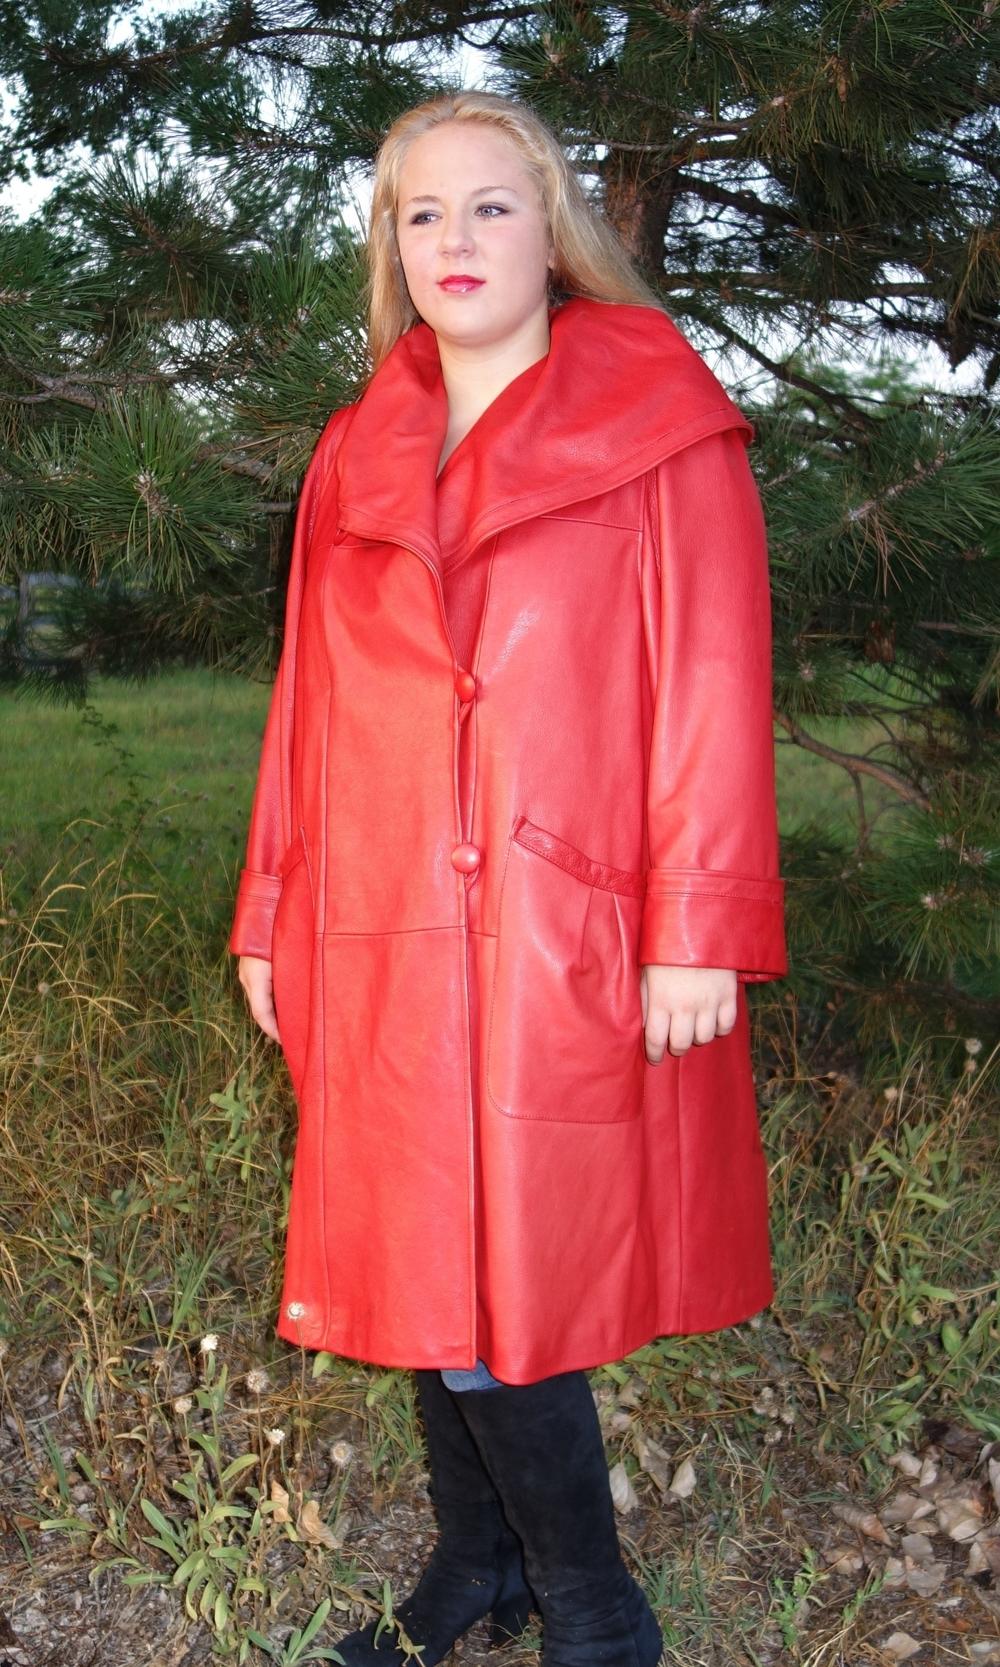 Piroska Damen -Swinger